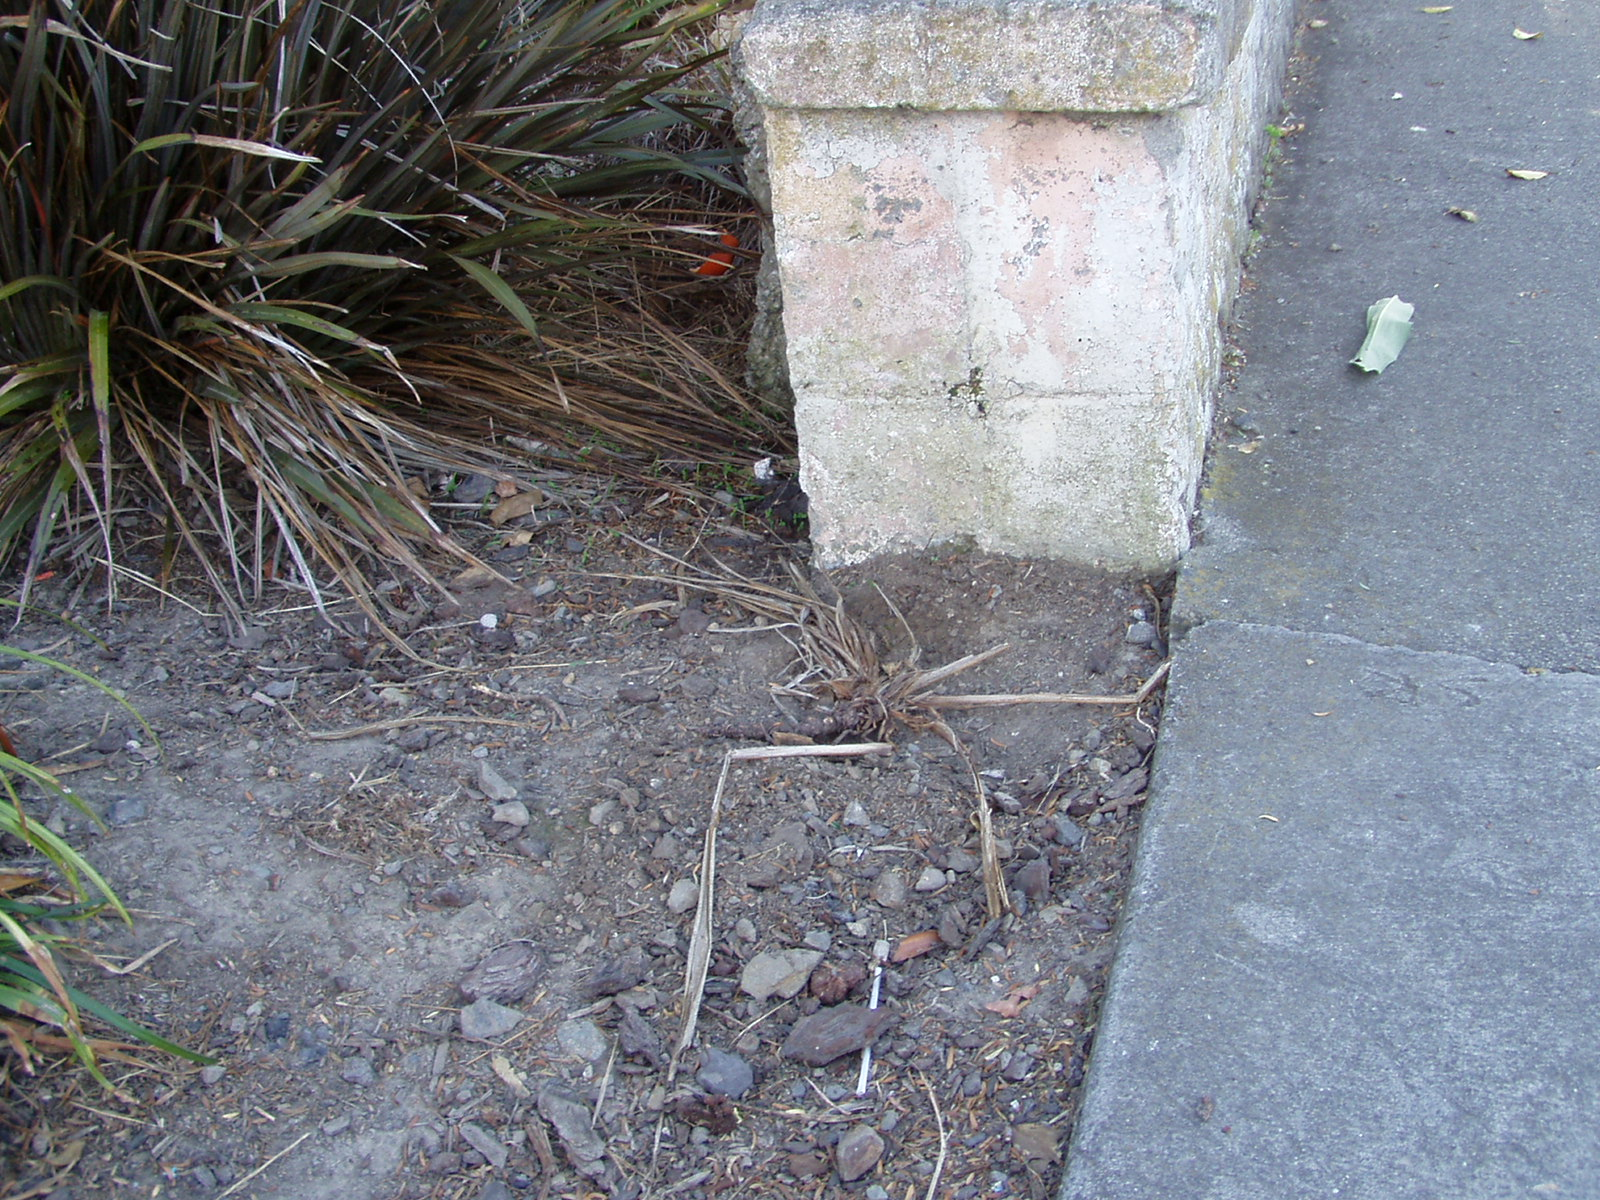 Pothole garden - NEW ZEALAND